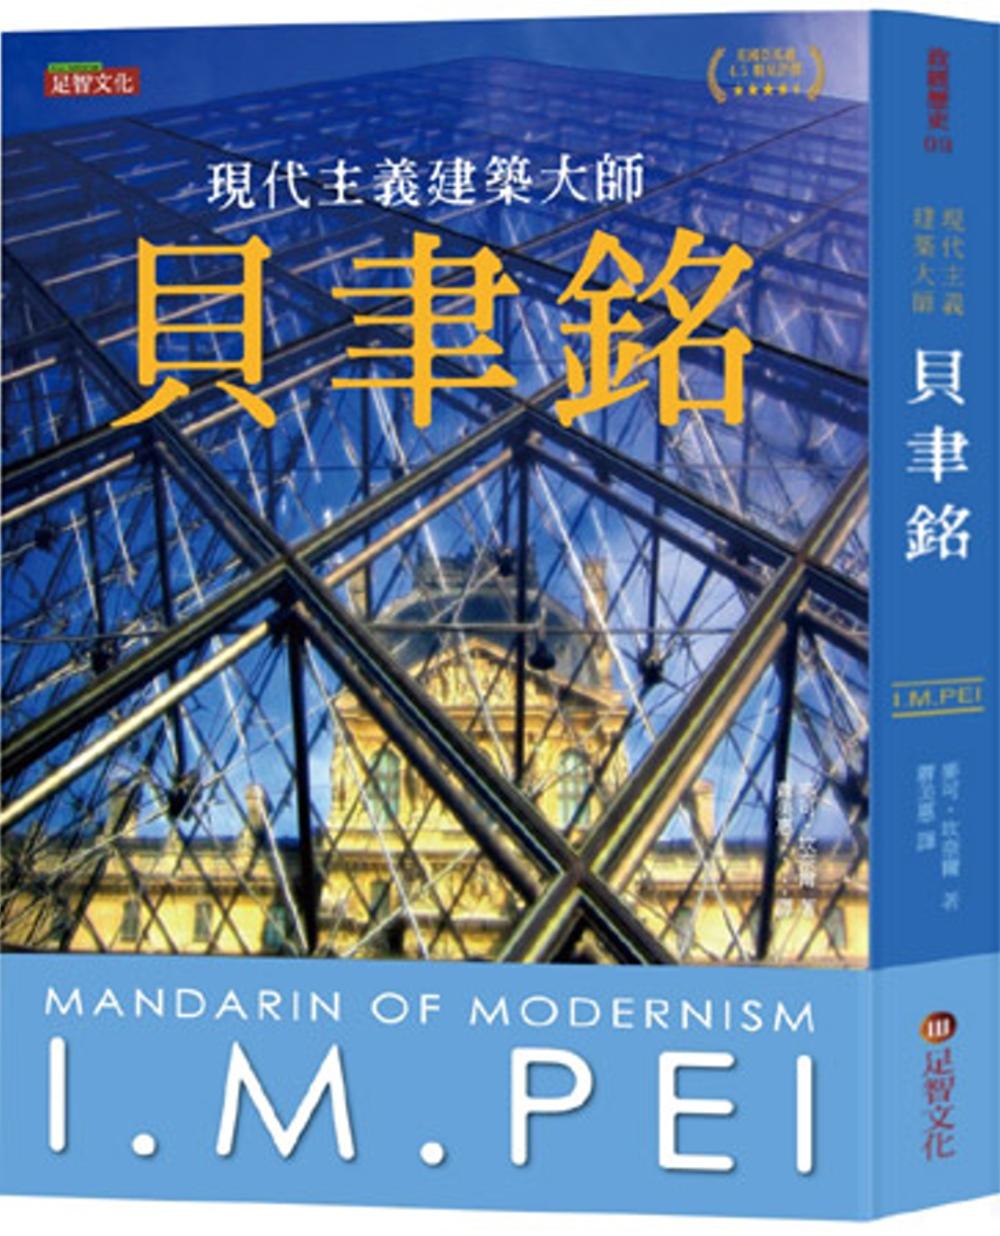 貝聿銘:現代主義建築大師